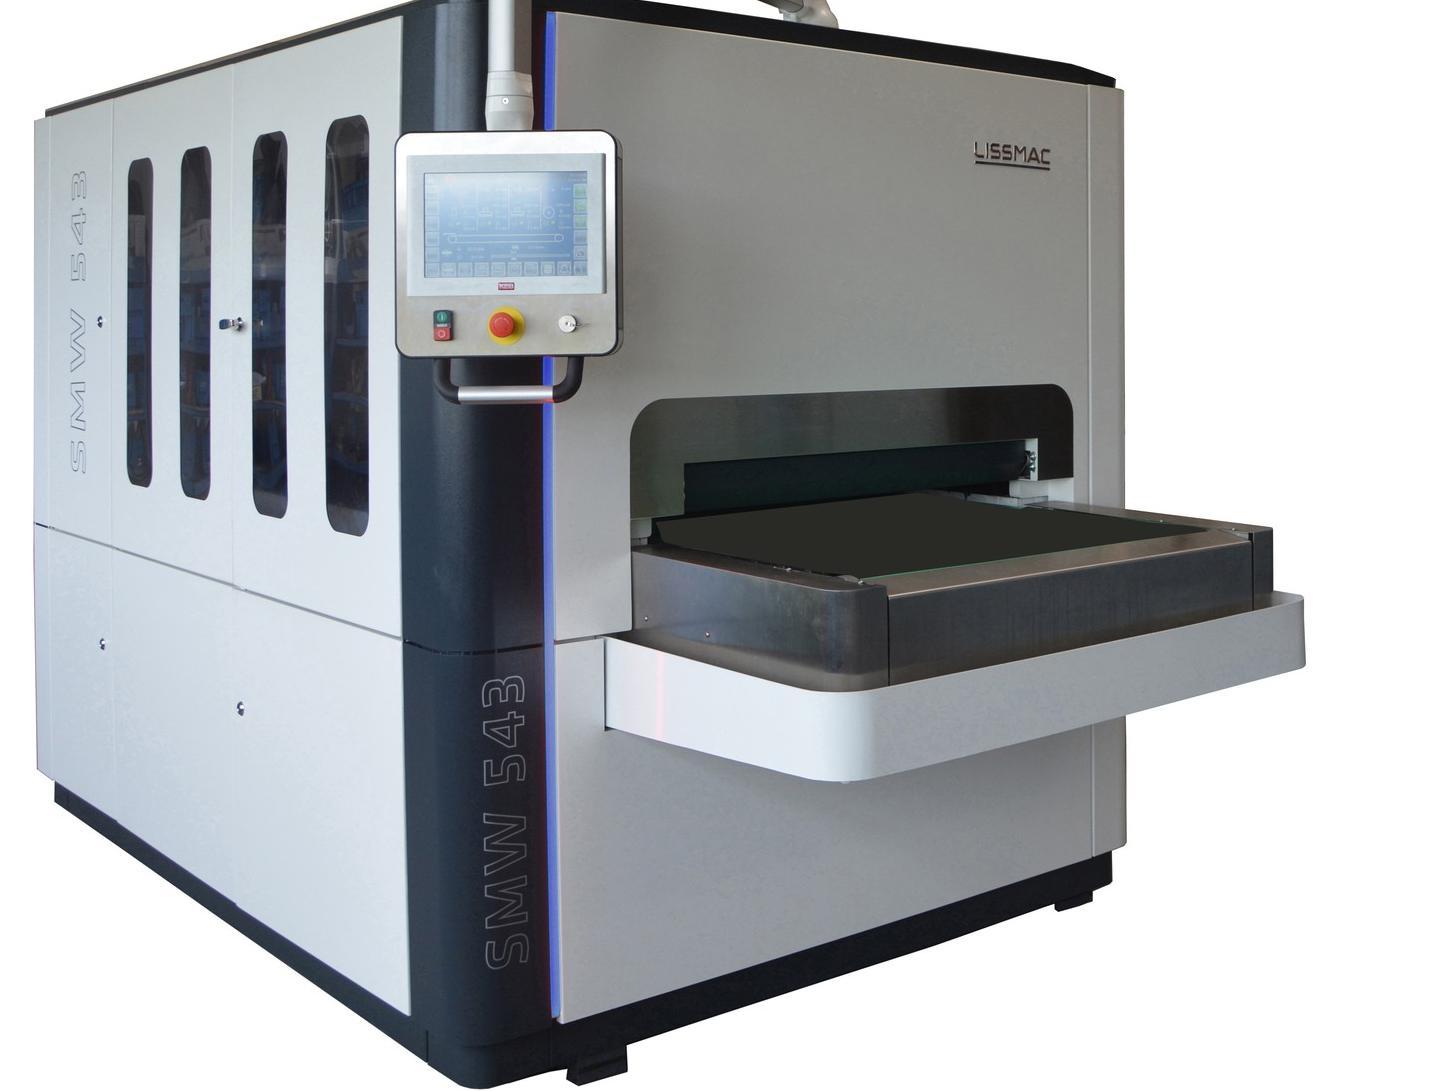 Die Schleifmaschinen der Lissmac SMW 5 Steelmaster-Baureihe setzen Maßstäbe für das perfekte Oberflächenfinish und die Kantenbearbeitung im Nassschleifverfahren.